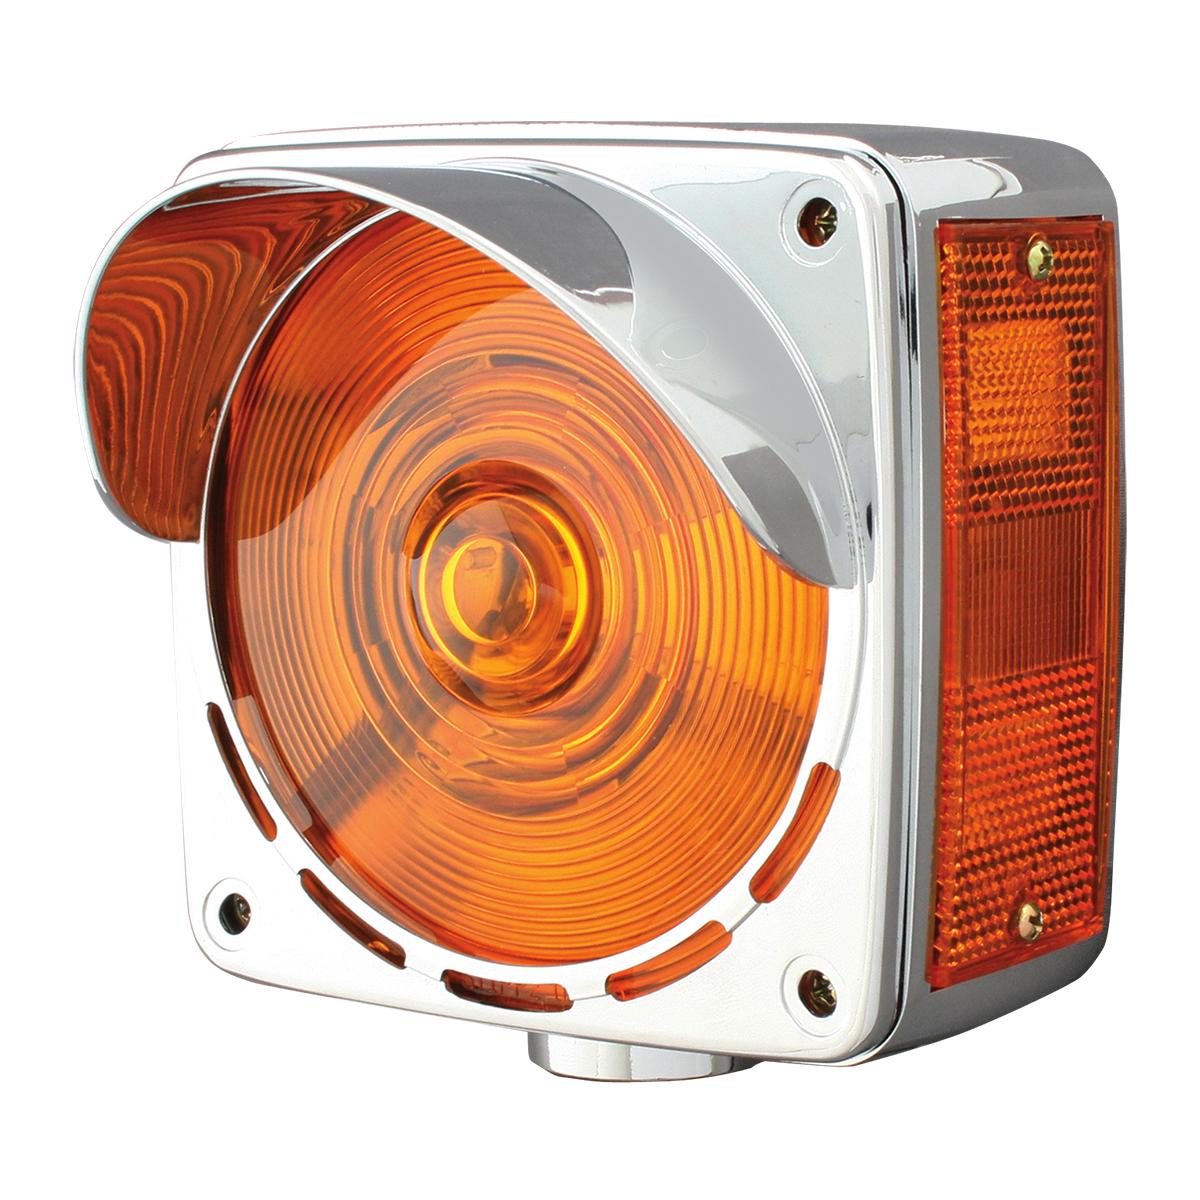 80358 Chrome Plastic Bezel with Visor for Square Double Face Pedestal Light (Light Not Included)